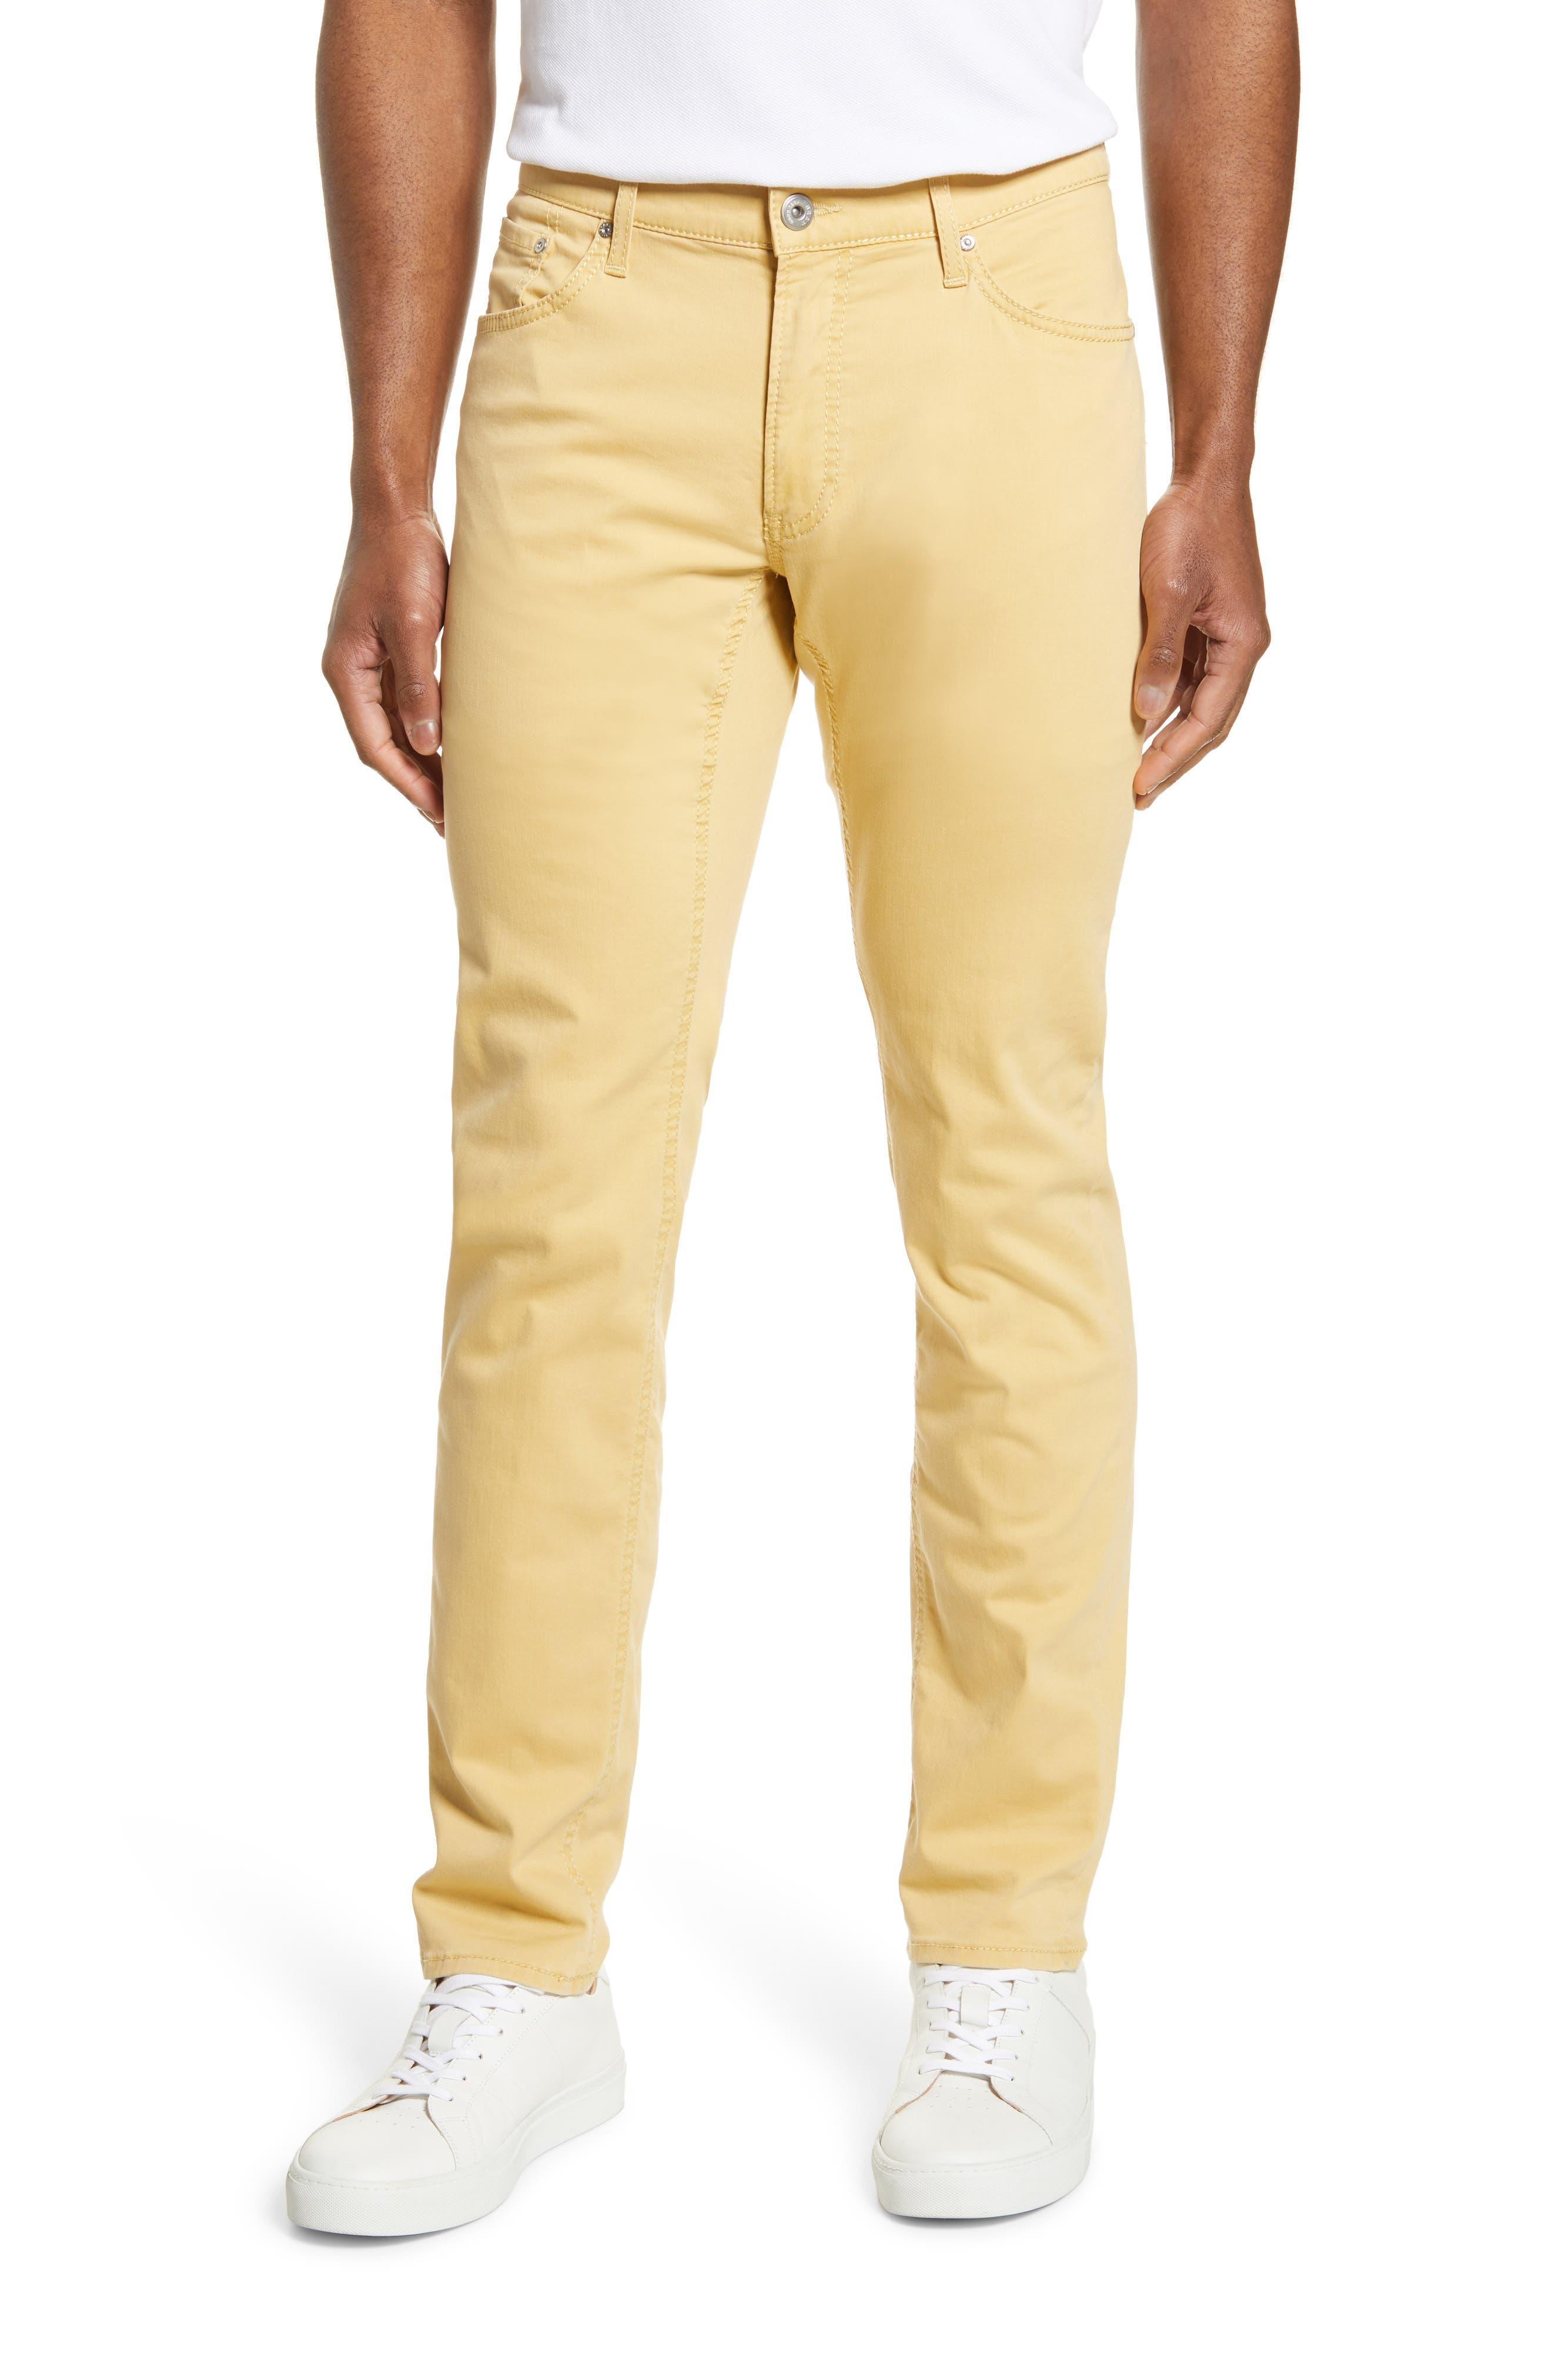 Chuck Hi-Flex 5-Pocket Pants